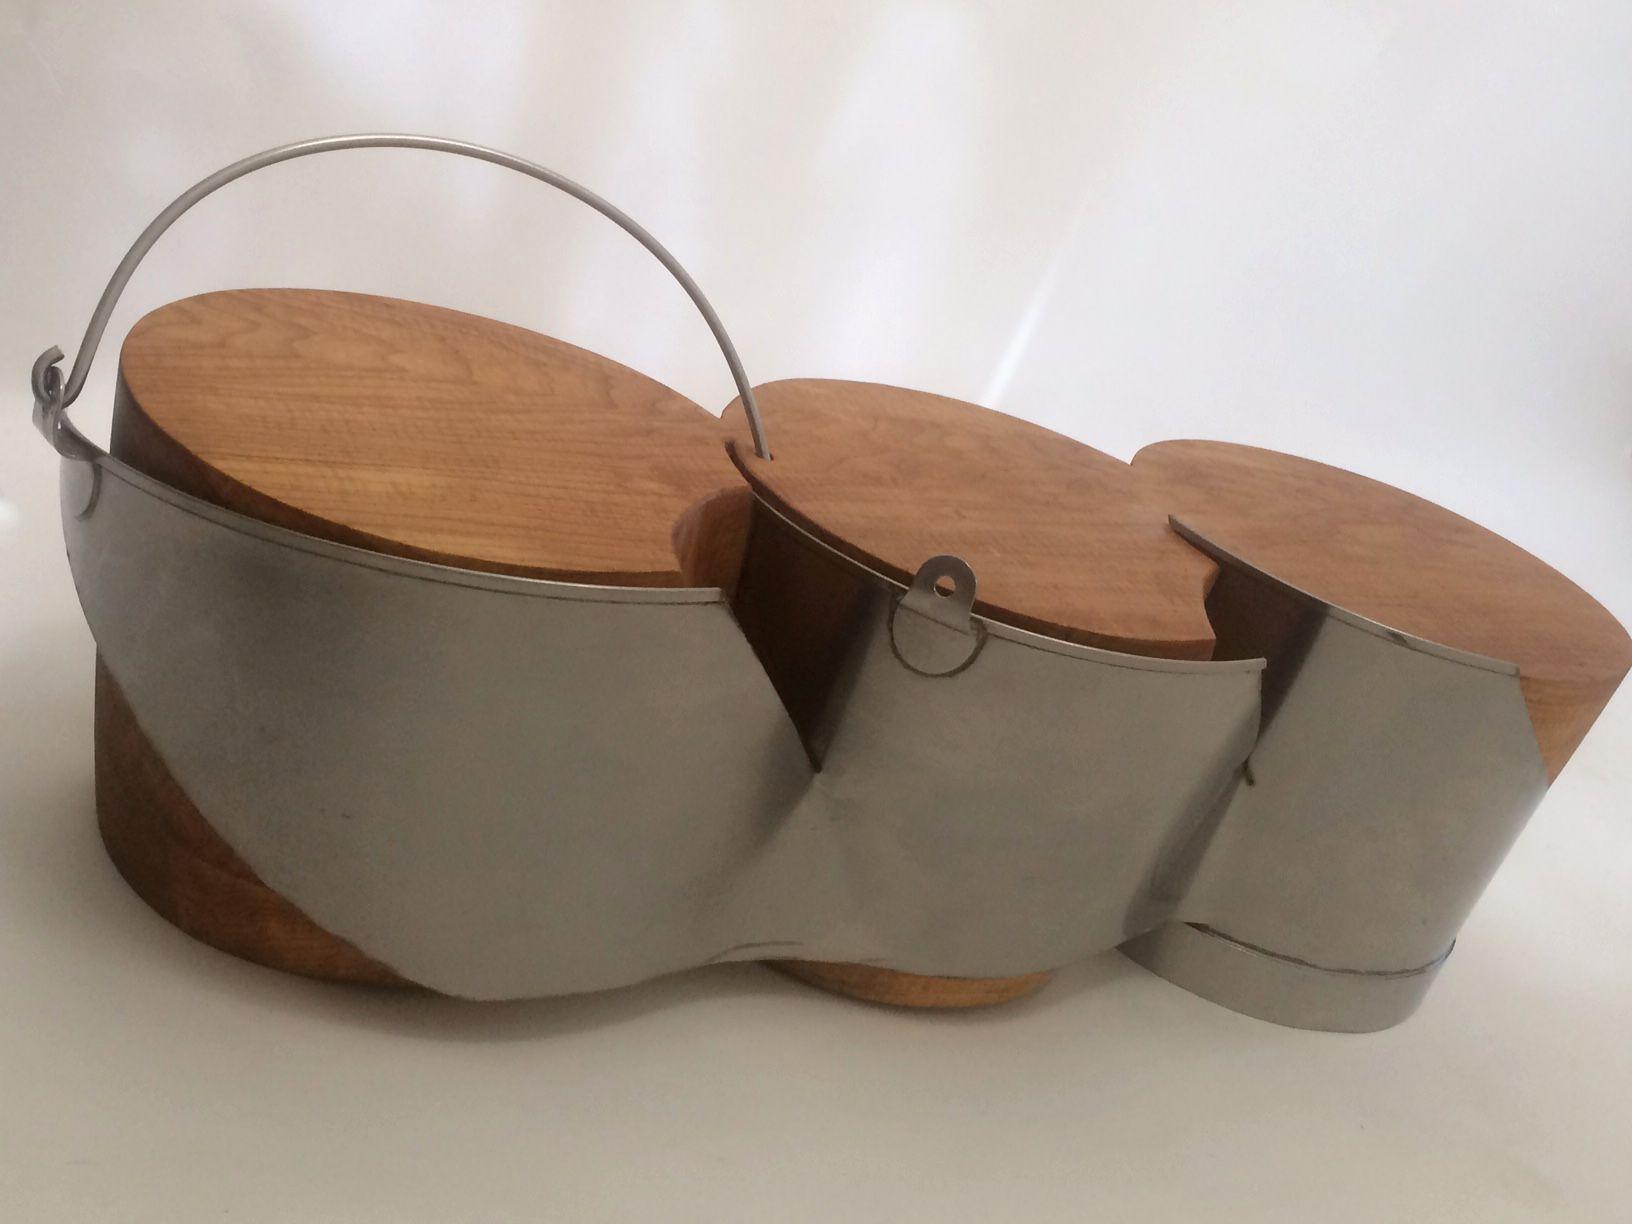 Pin by Matt Kinney on Steel Bucket Steel bucket